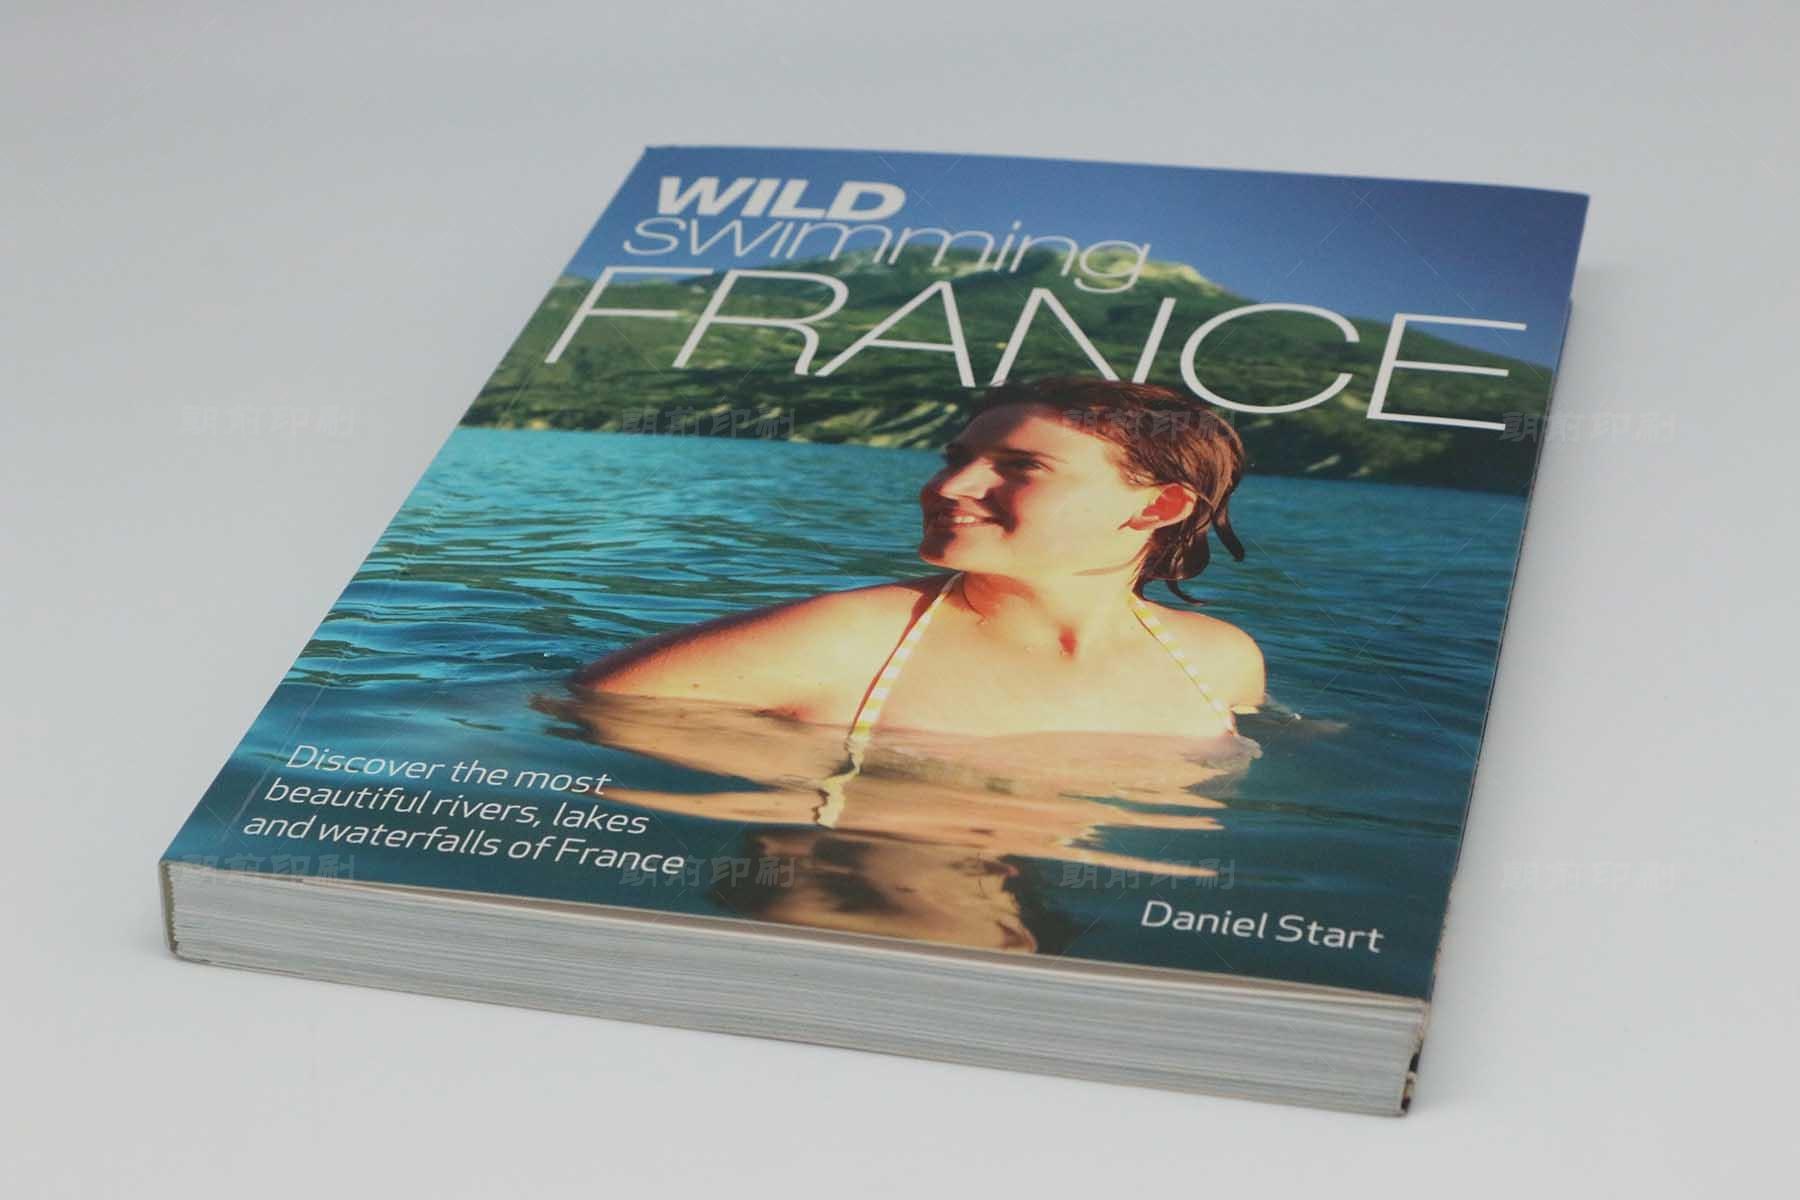 广州印刷企业样本画册 广州画册设计广告印刷